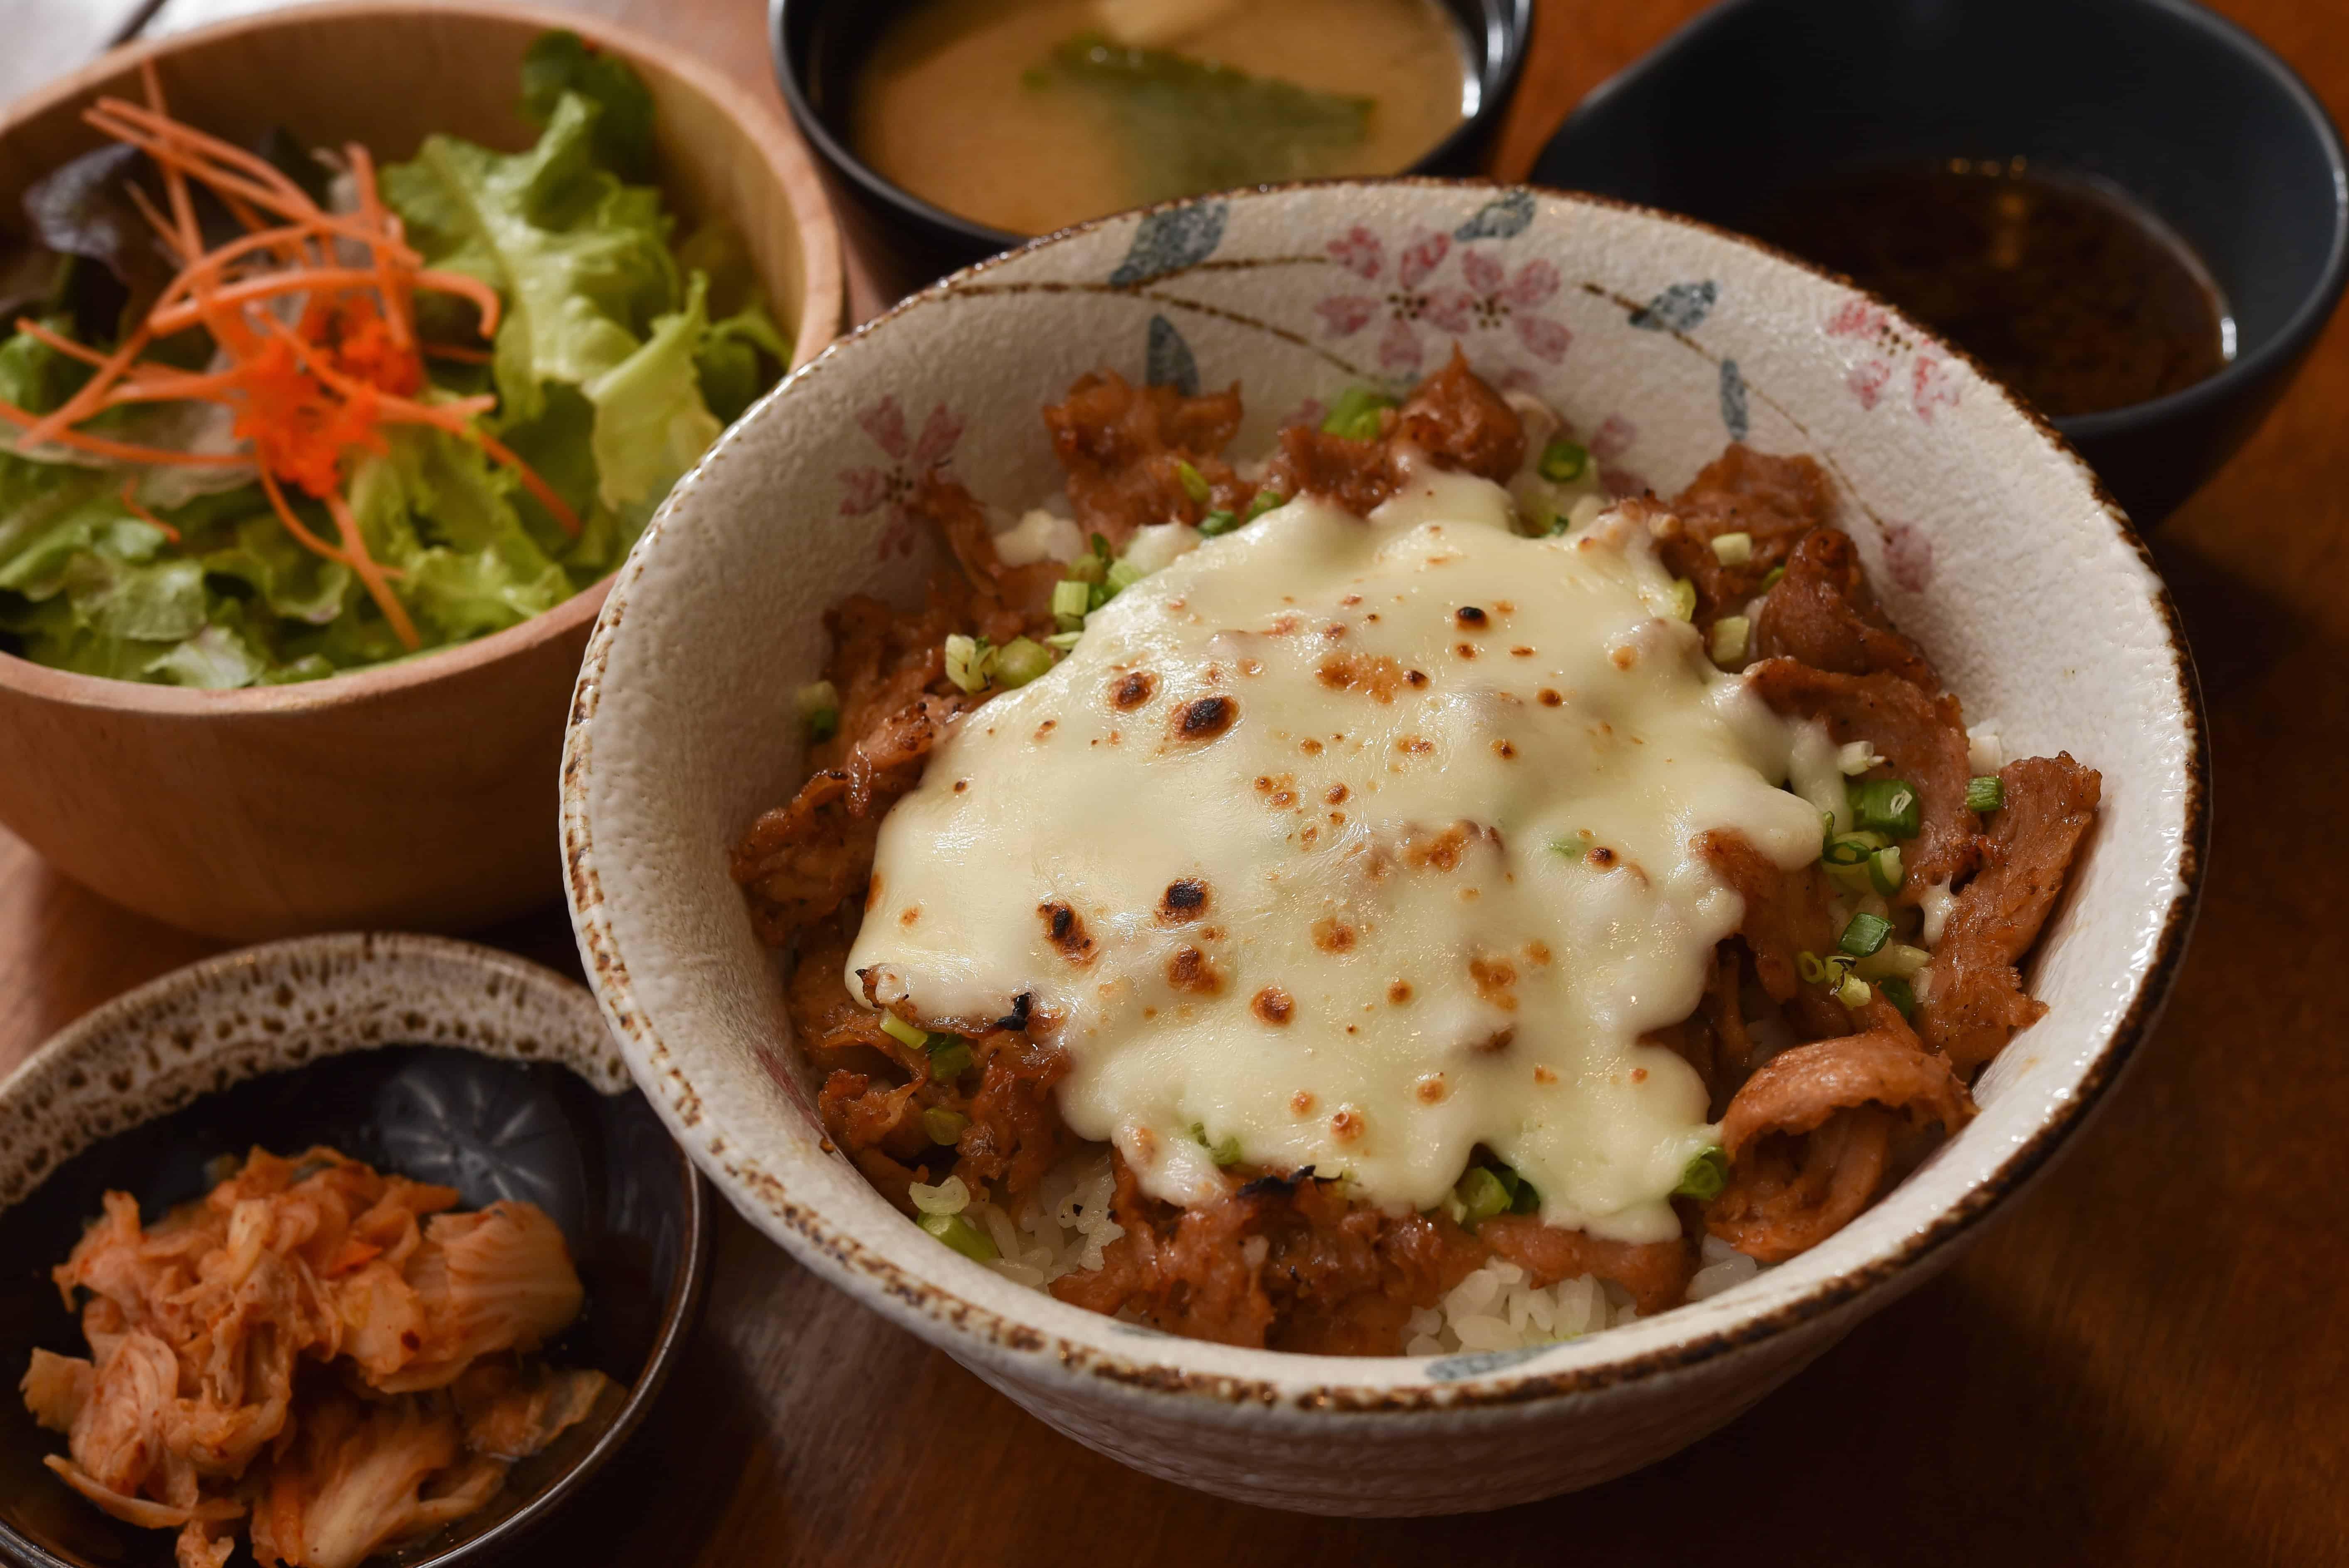 ร้านอาหารญี่ปุ่น เอกมัย